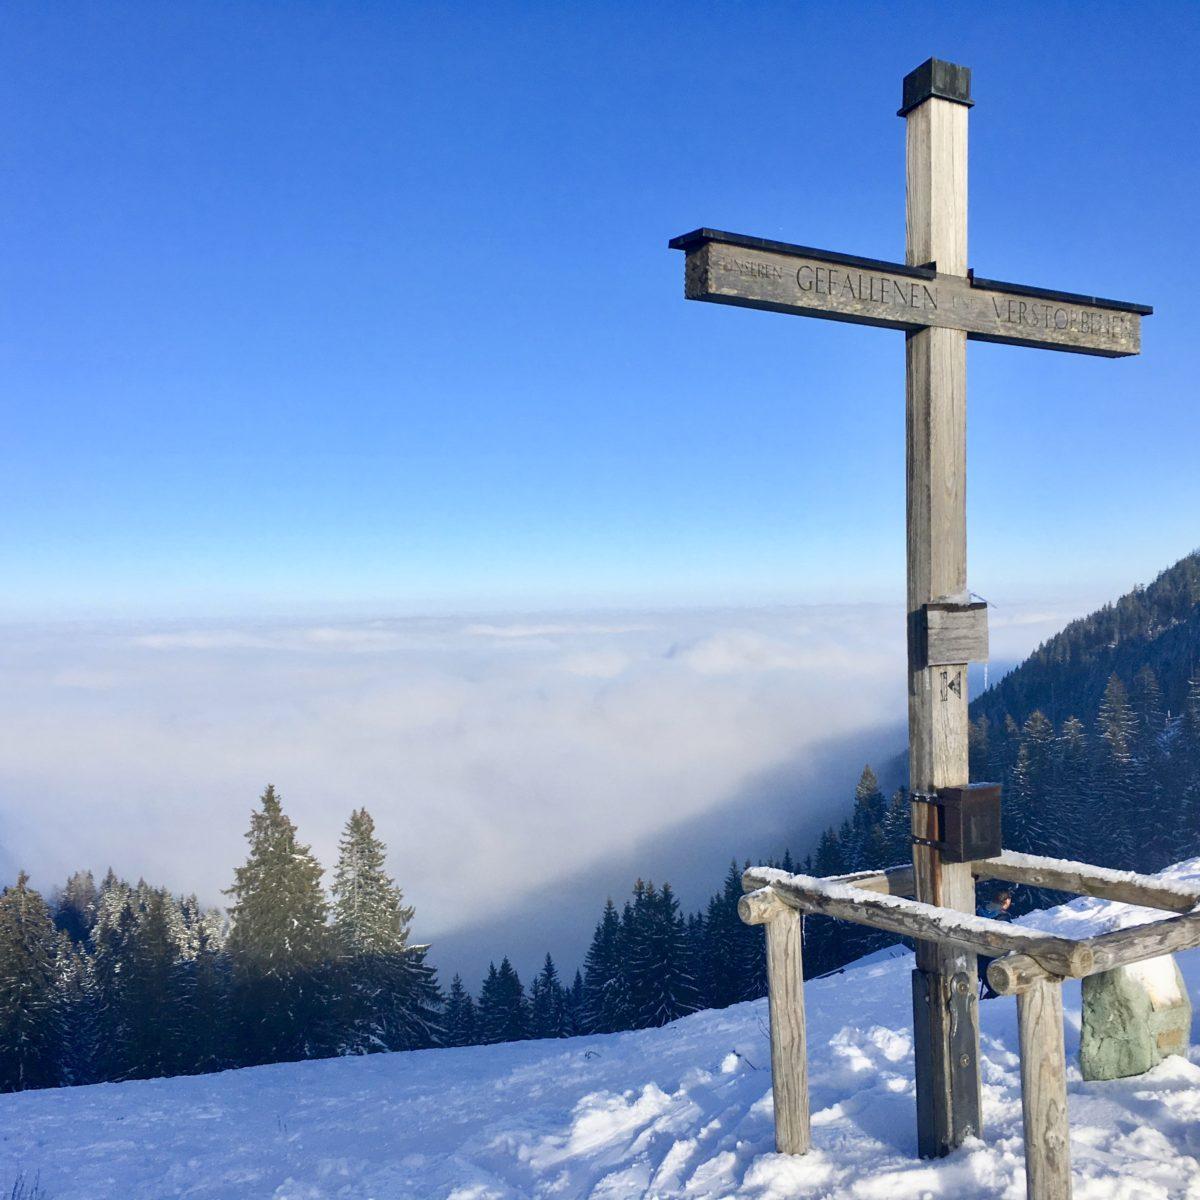 Ehemalige Piste, jetzt Skitourenlehrpfad am Unternberg bei Ruhpolding